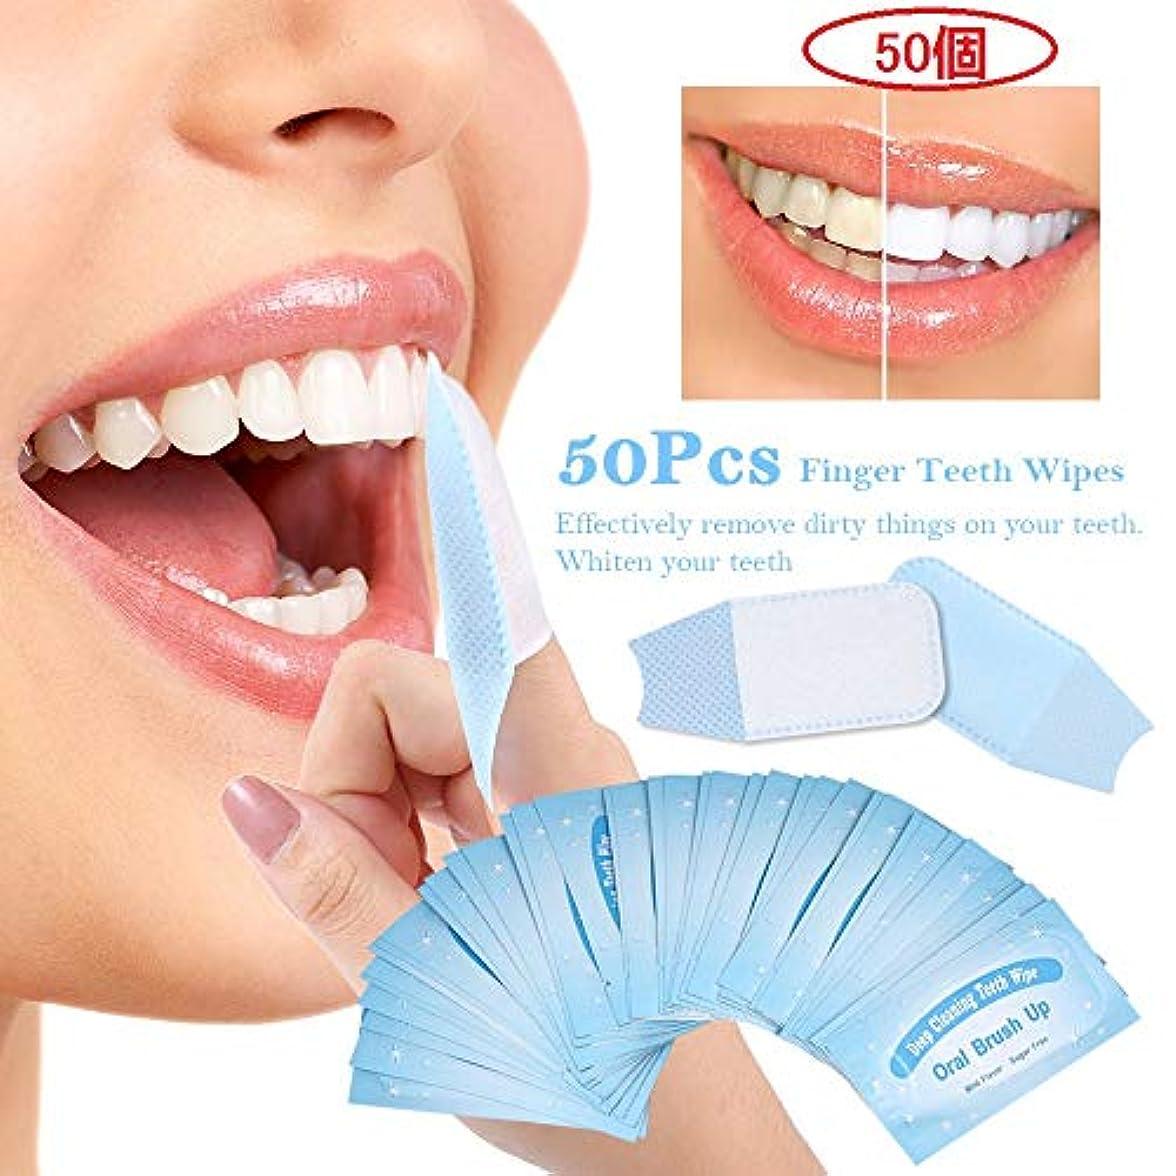 バス満足輝く50個-口腔衛生指の歯ワイプ歯ブラシアップワイプ歯科用ディープクリーニング歯のホワイトニングツール歯科口腔ケア